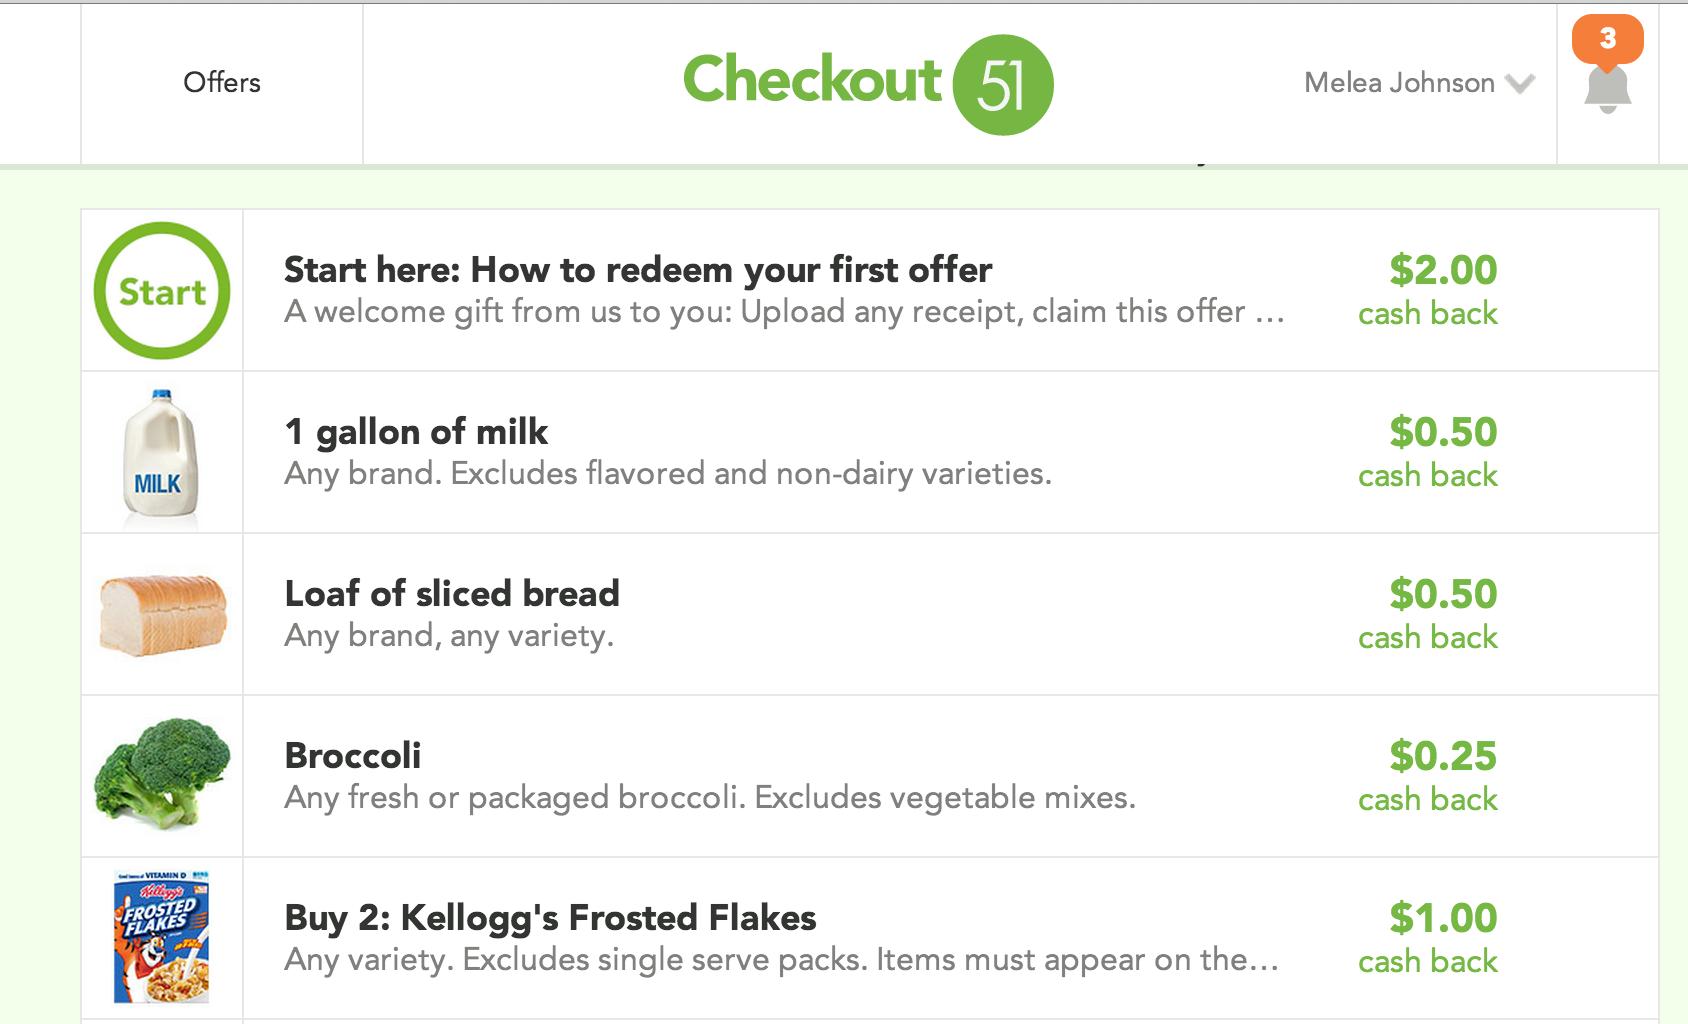 checkout 51 deals